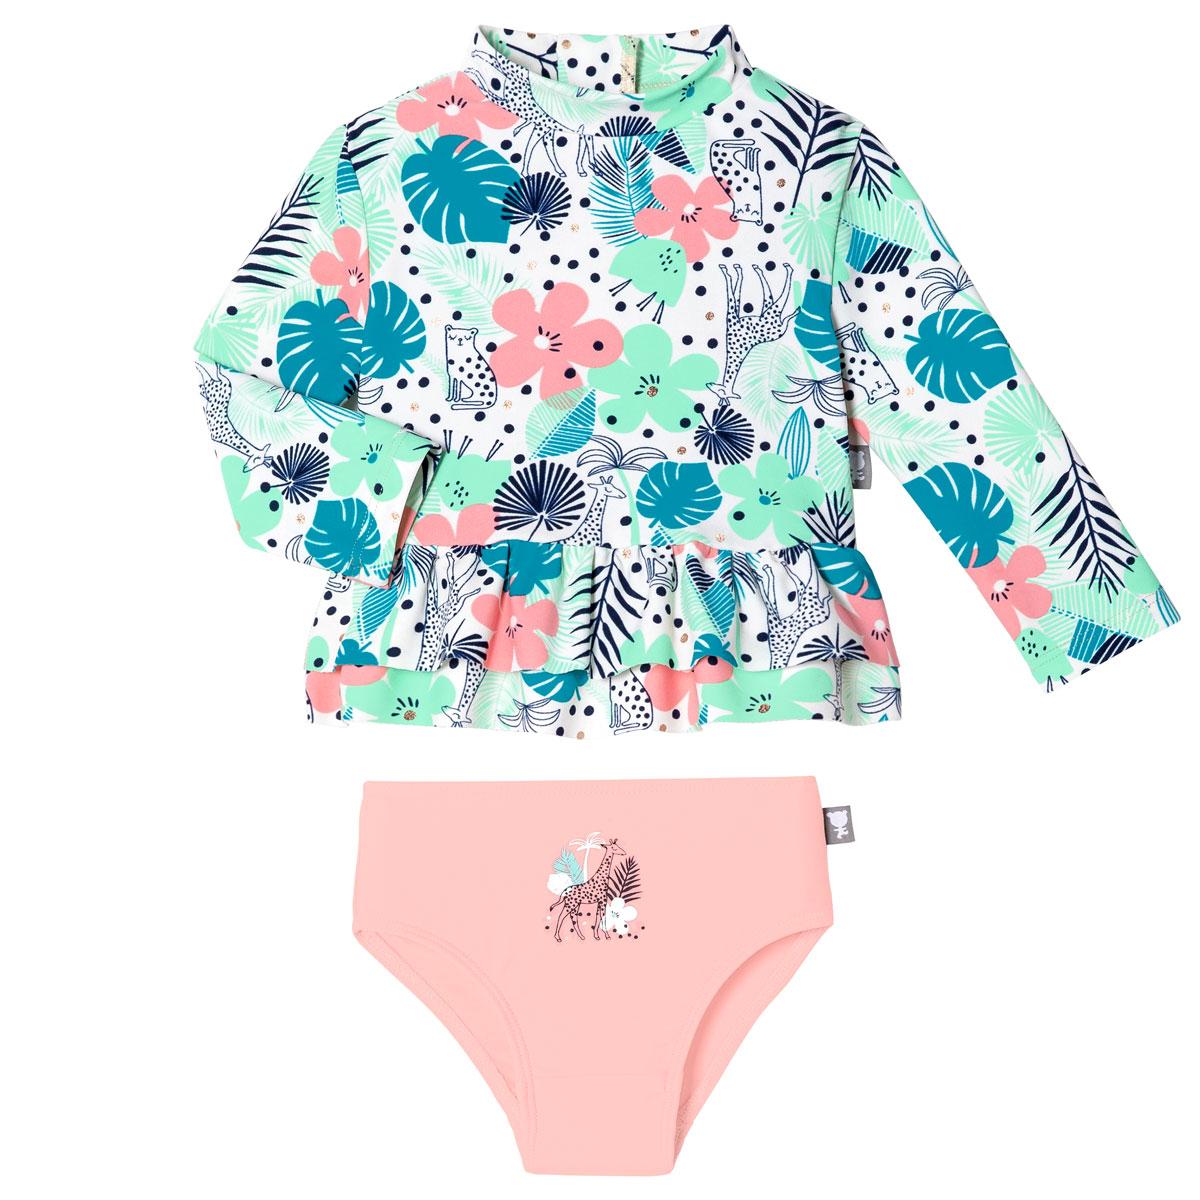 Maillot de bain ANTI-UV bébé fille 2 pièces t-shirt & culotte Nalani